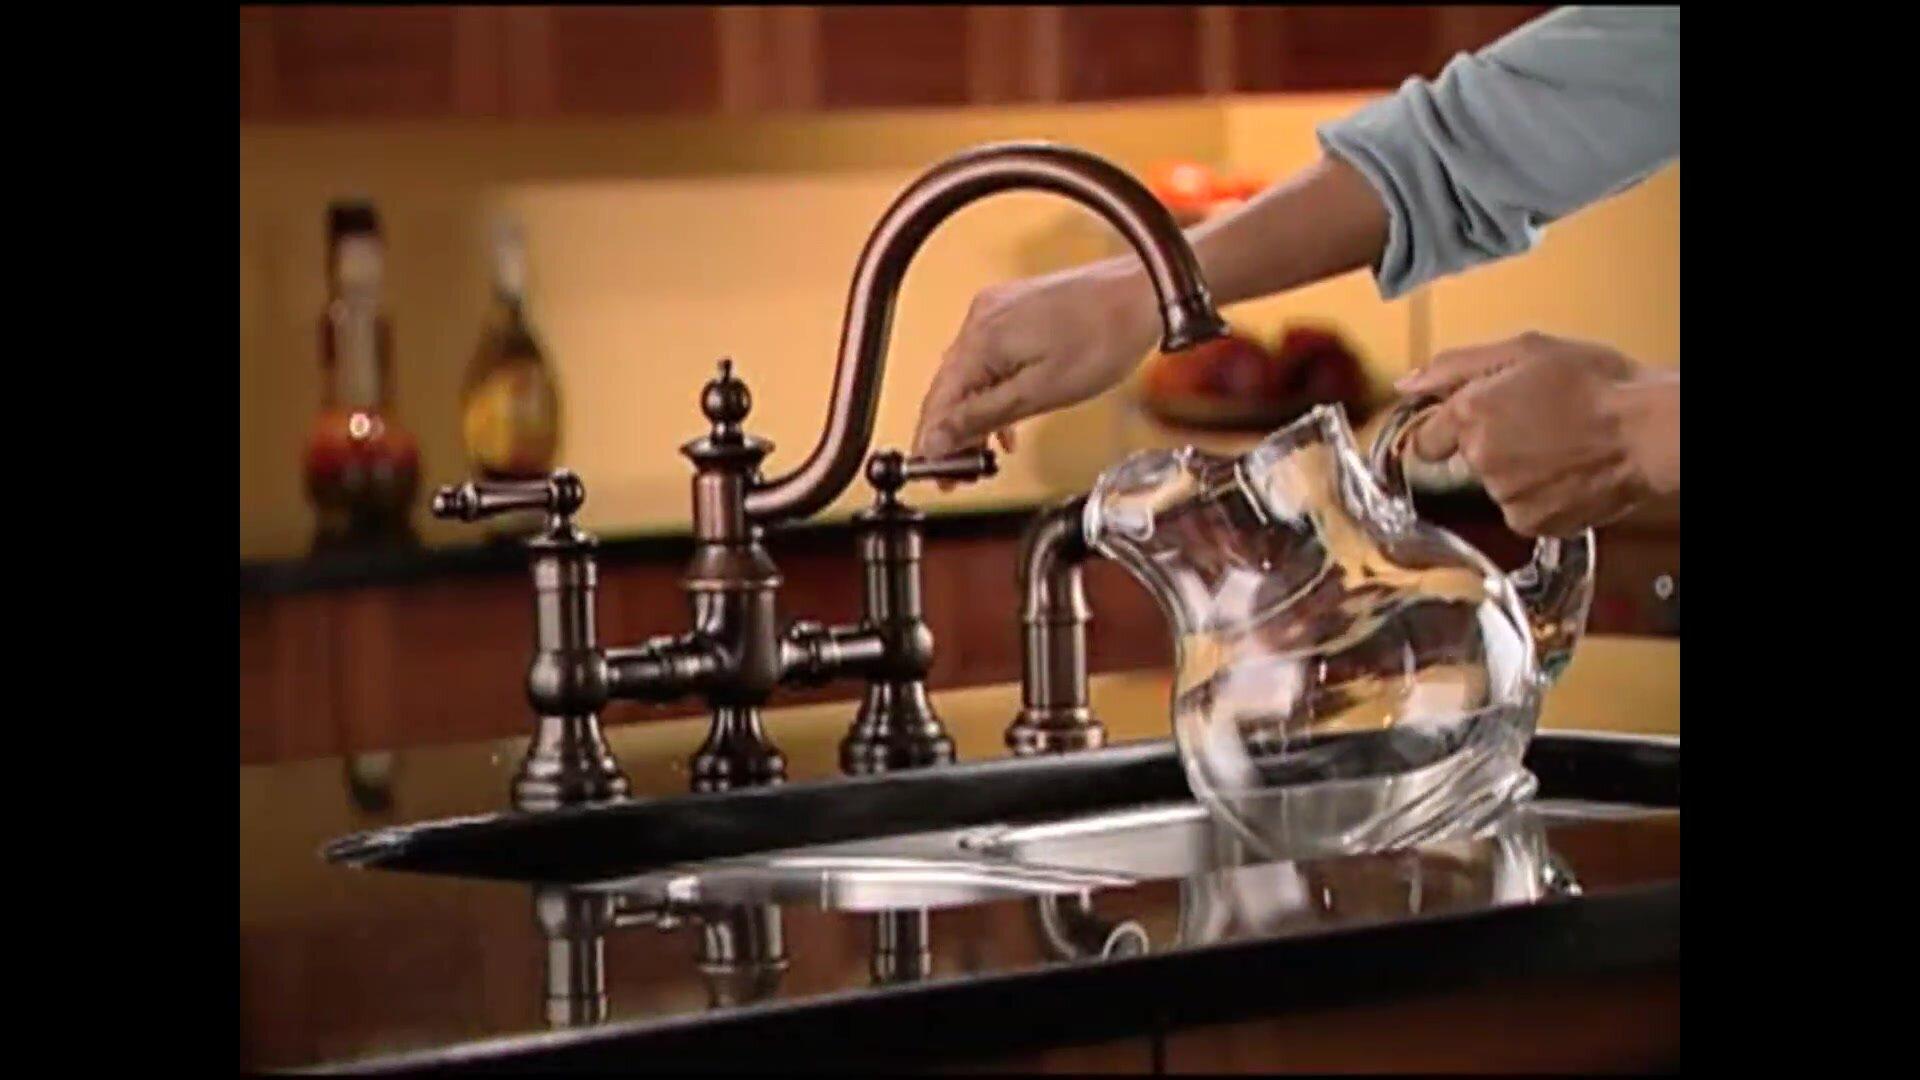 moen torrance kitchen faucet] - 100 images - faucet com ca87480srs ...